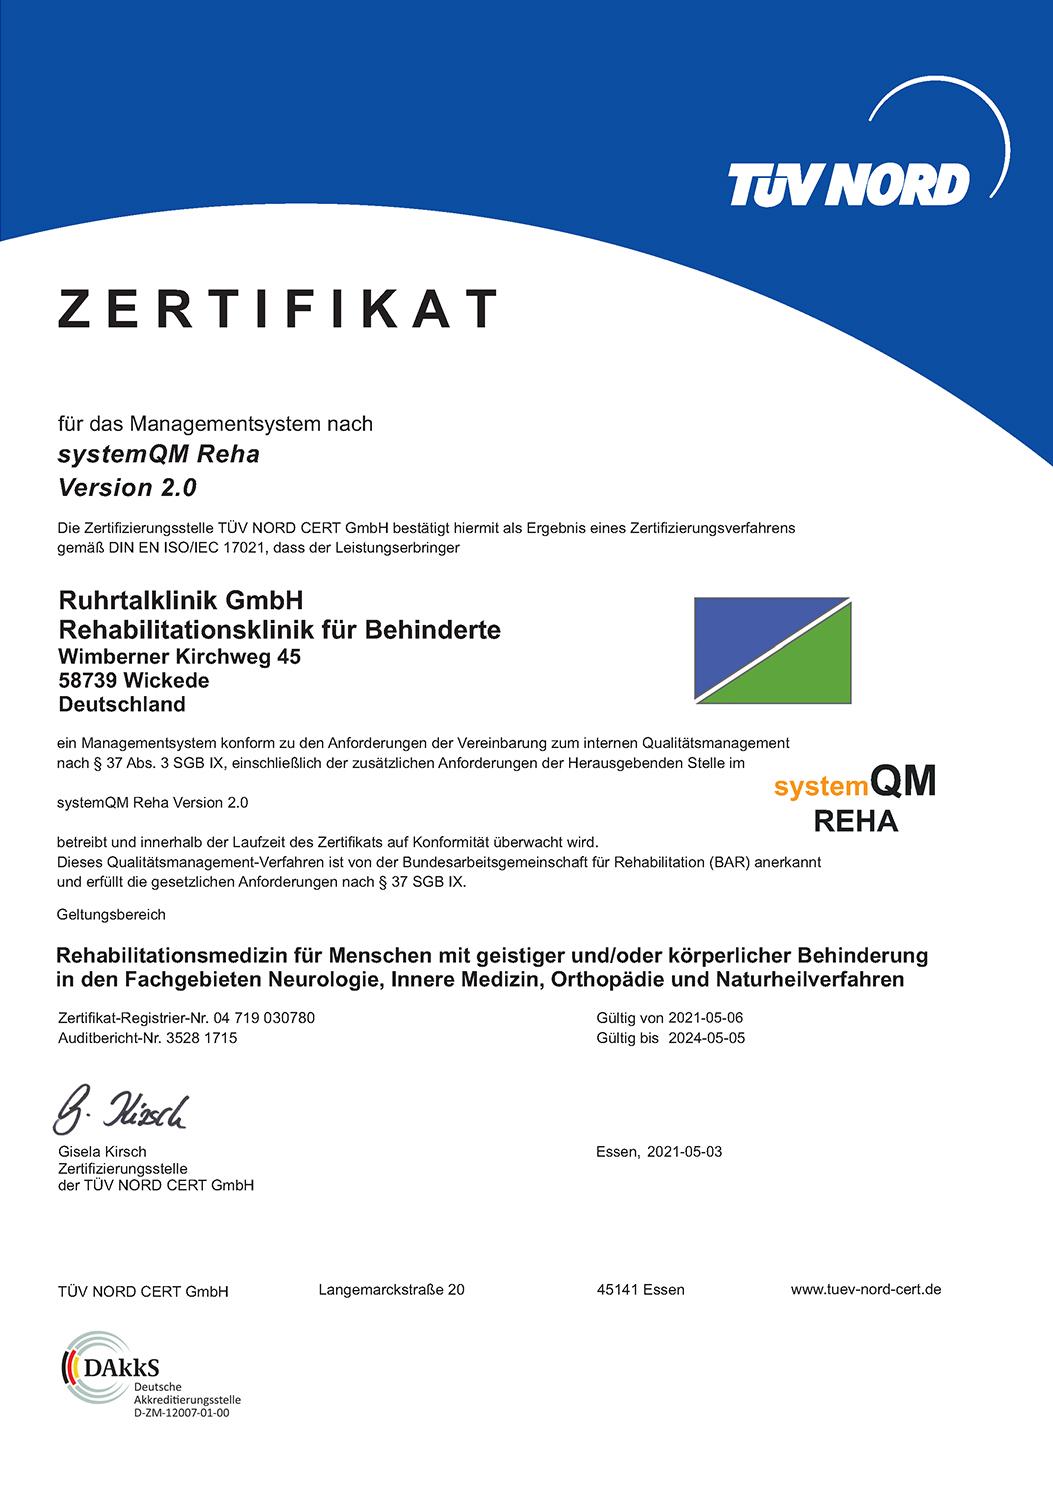 Zertifikat für das Managementsystem nach systemQM REHA Version 2.0